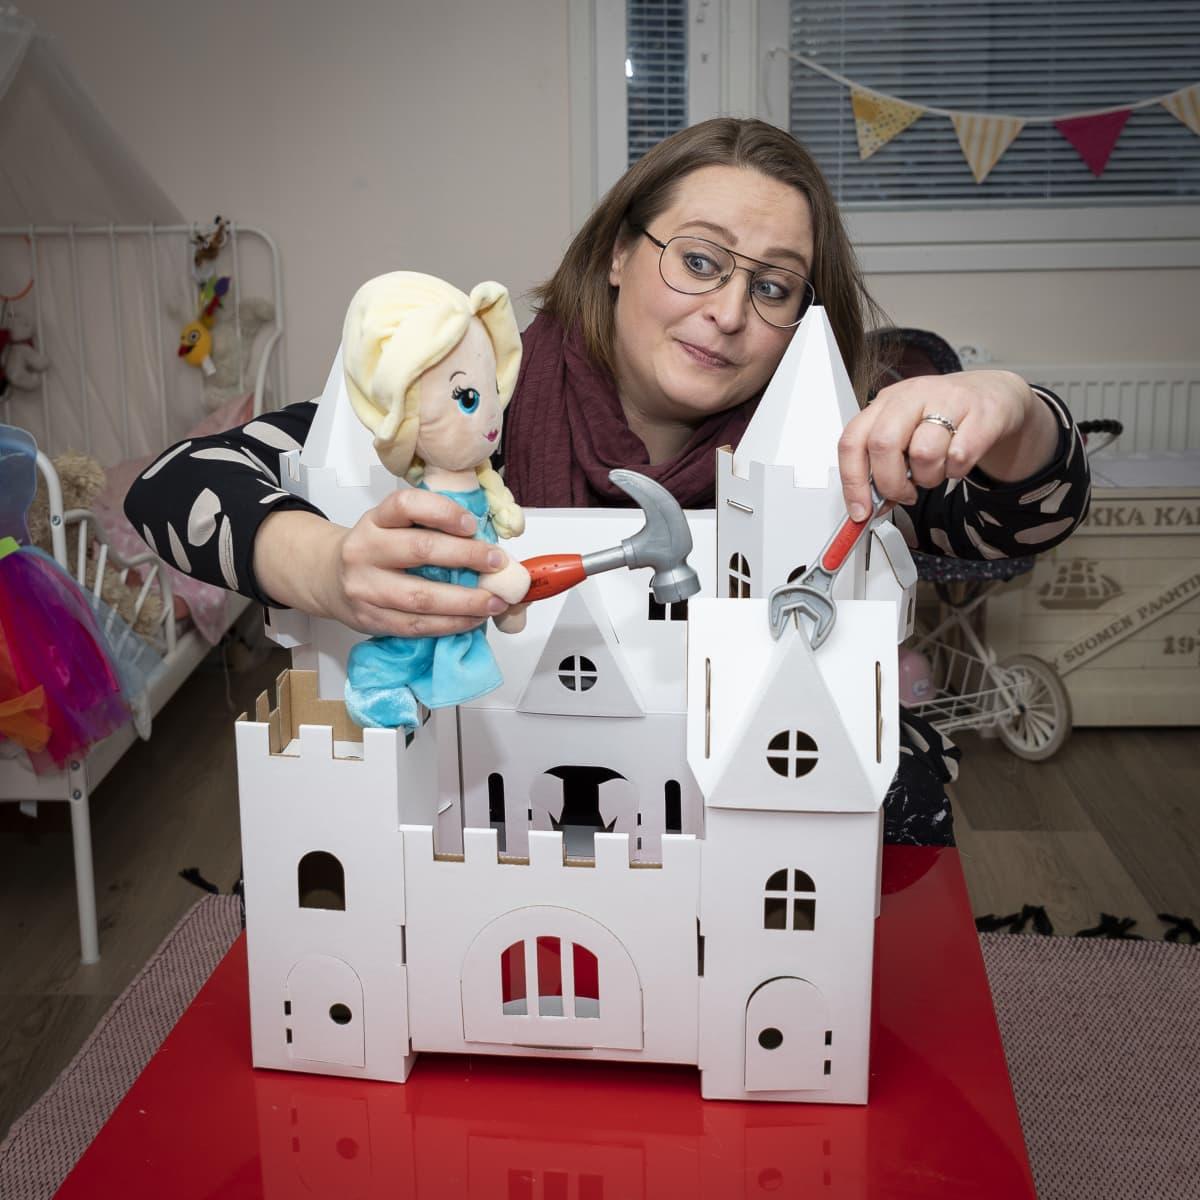 Lelulinnan vieressä oleva nainen pitelee Frozenin Elsa-nukkea kädessään. Elsalla on vasara kädessään.